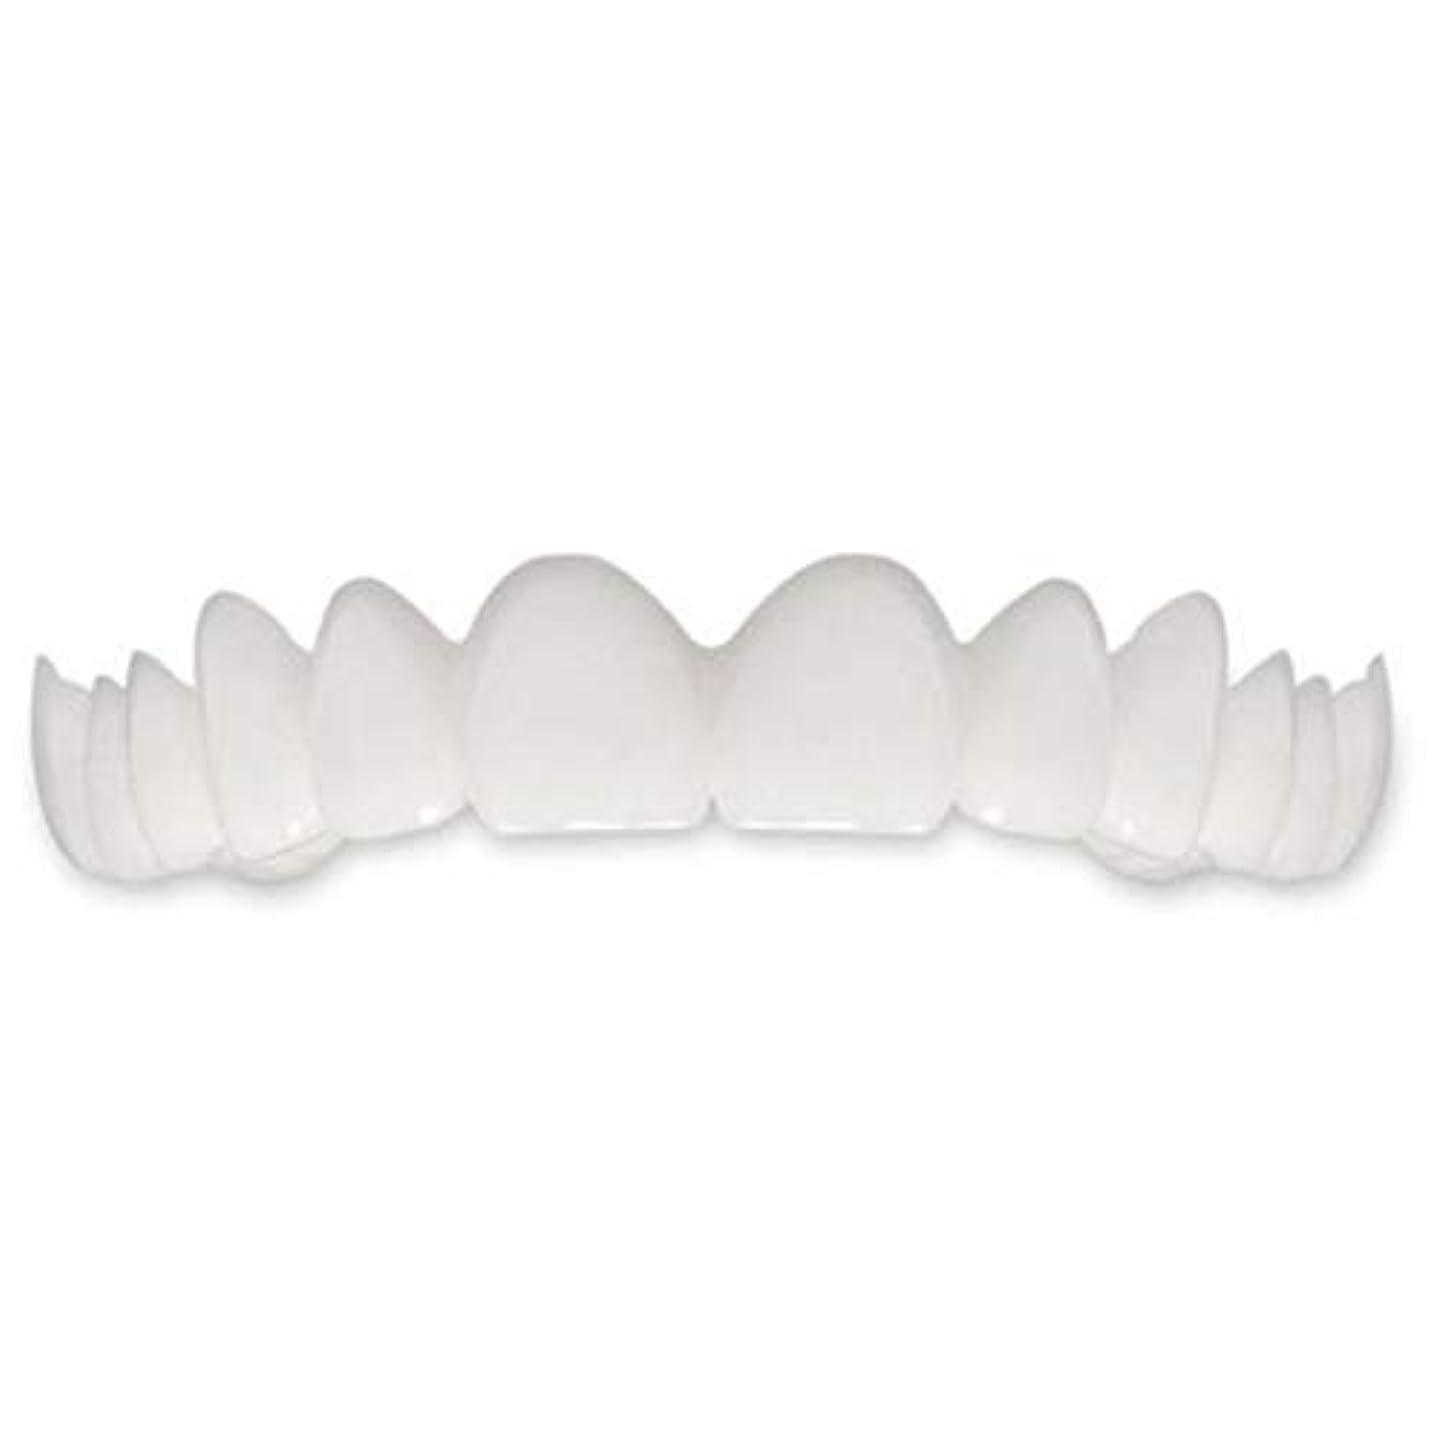 感嘆符提供されたアラブサラボTooth Instant Perfect Smile Flex Teeth Whitening Smile False Teeth Cover-ホワイト